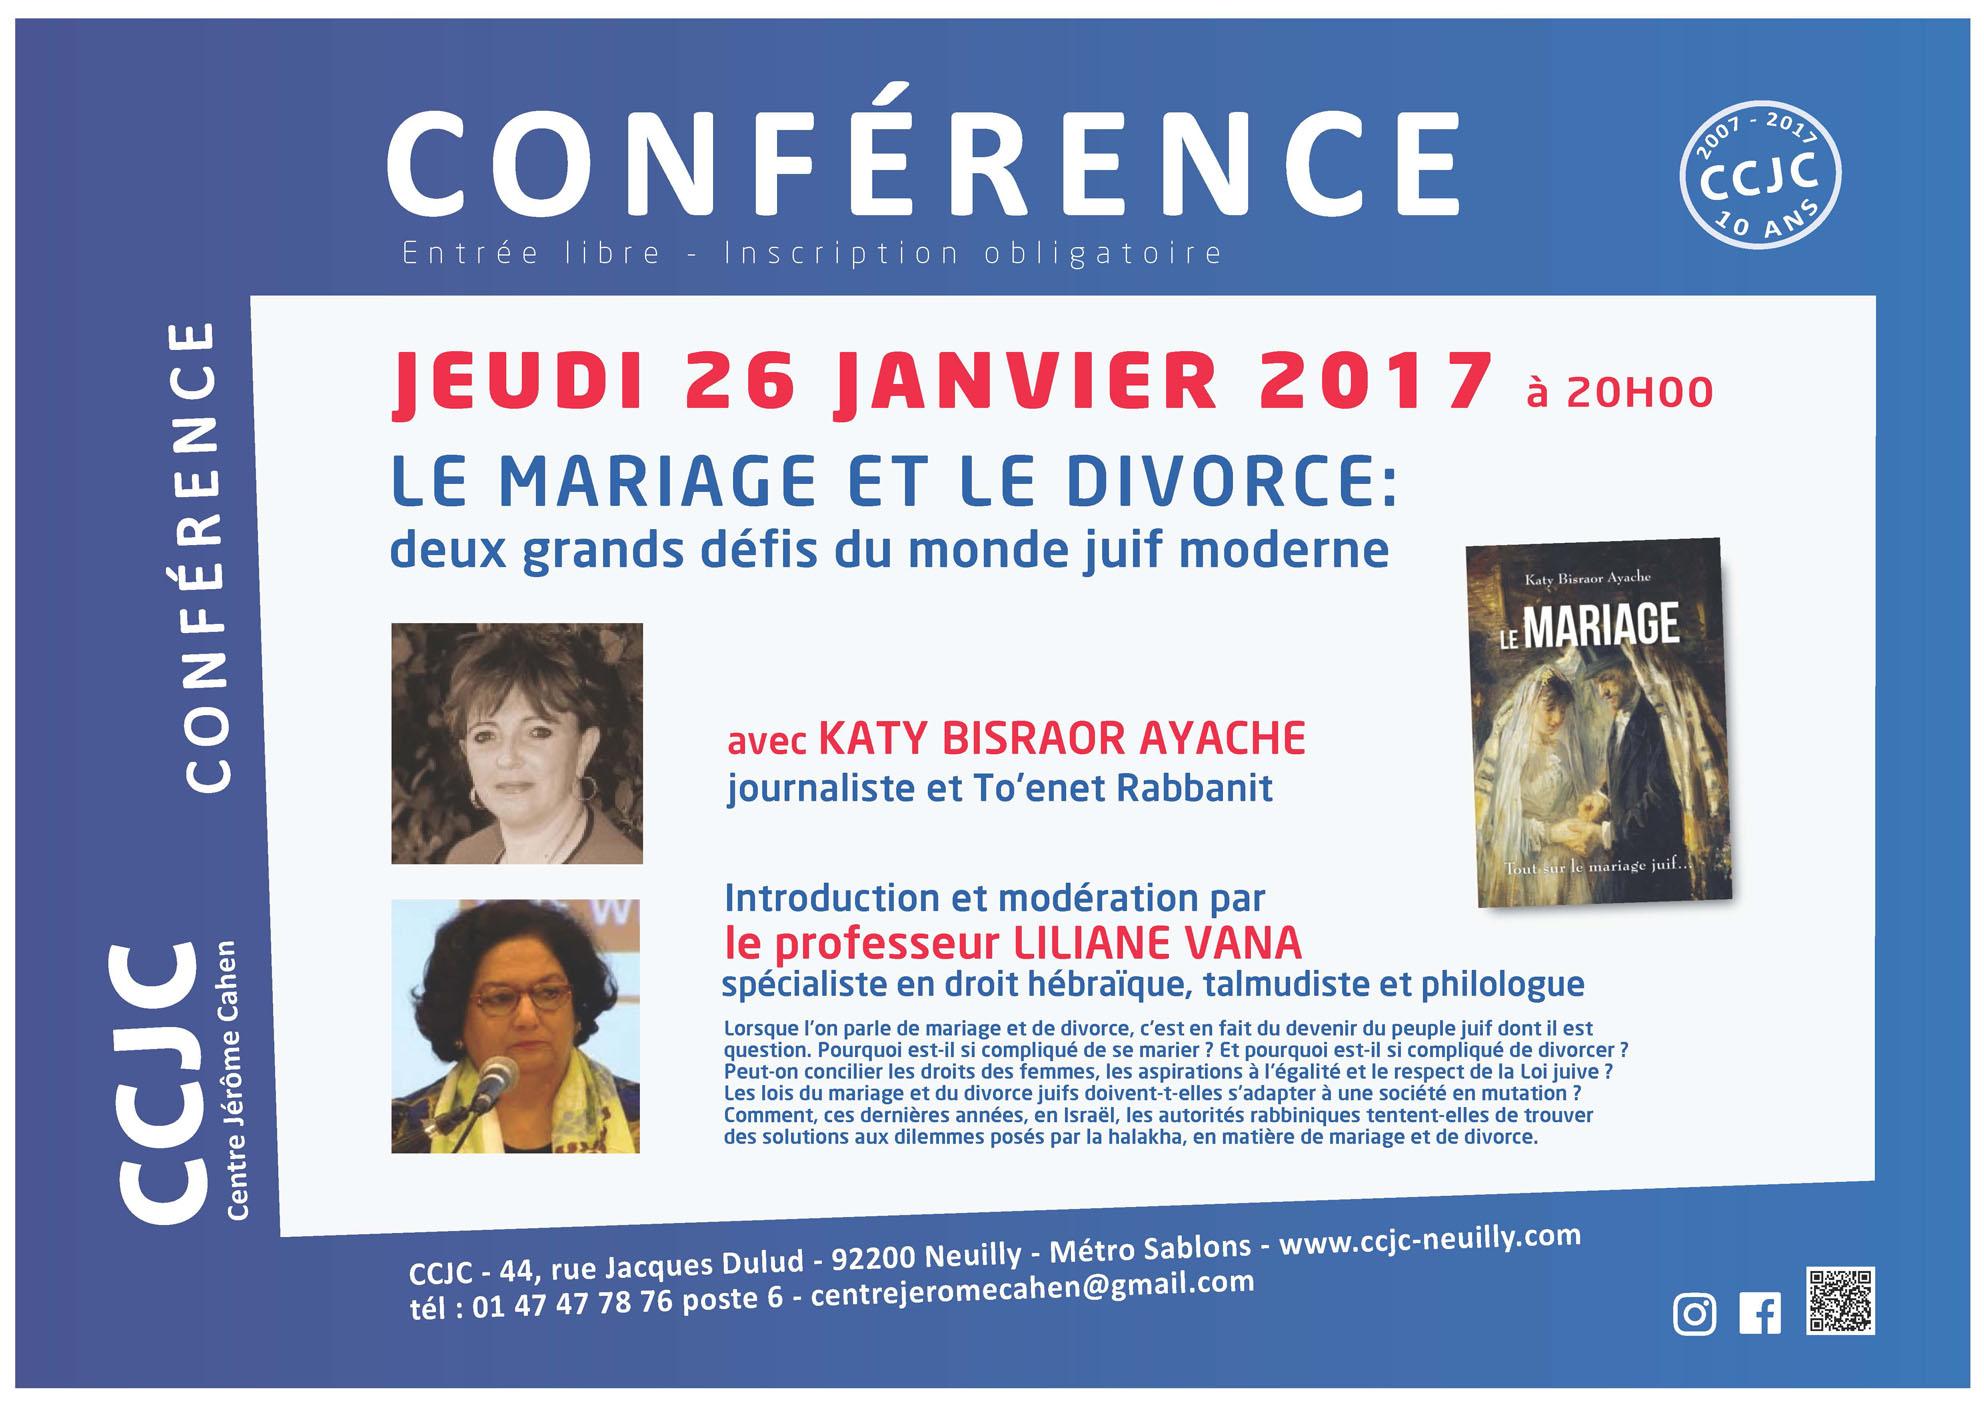 Mariage et divorce, les deux grands défis du monde juif moderne